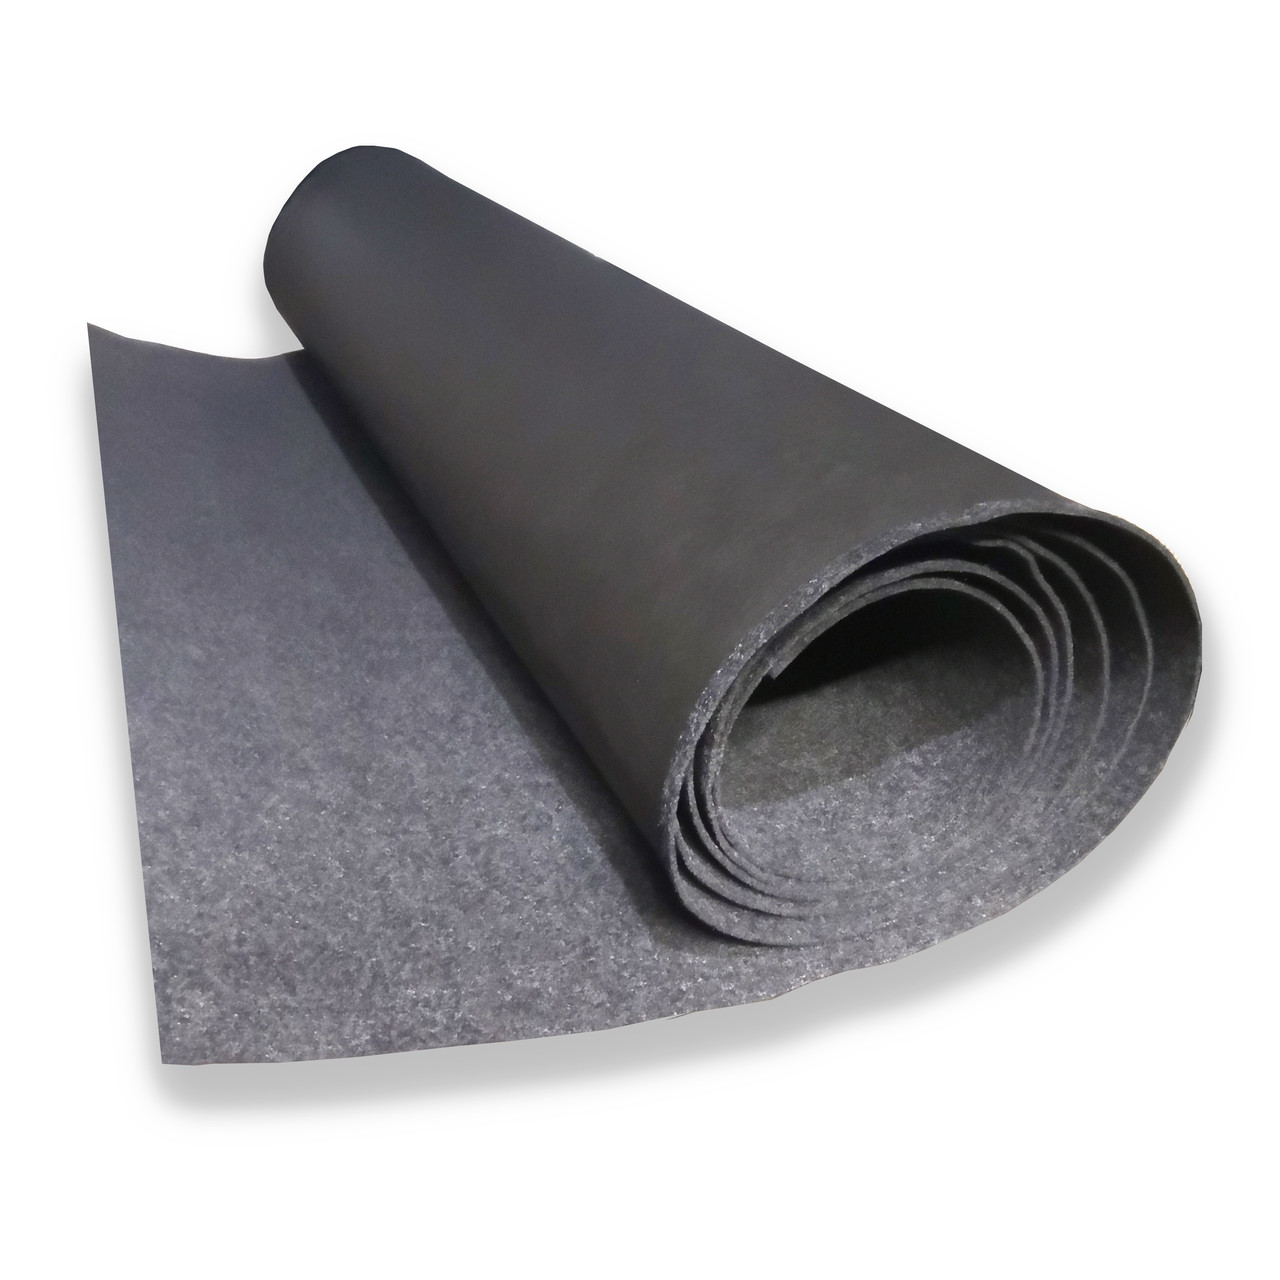 Карпет з підкладкою, Автоковролин, Чорний 160 см